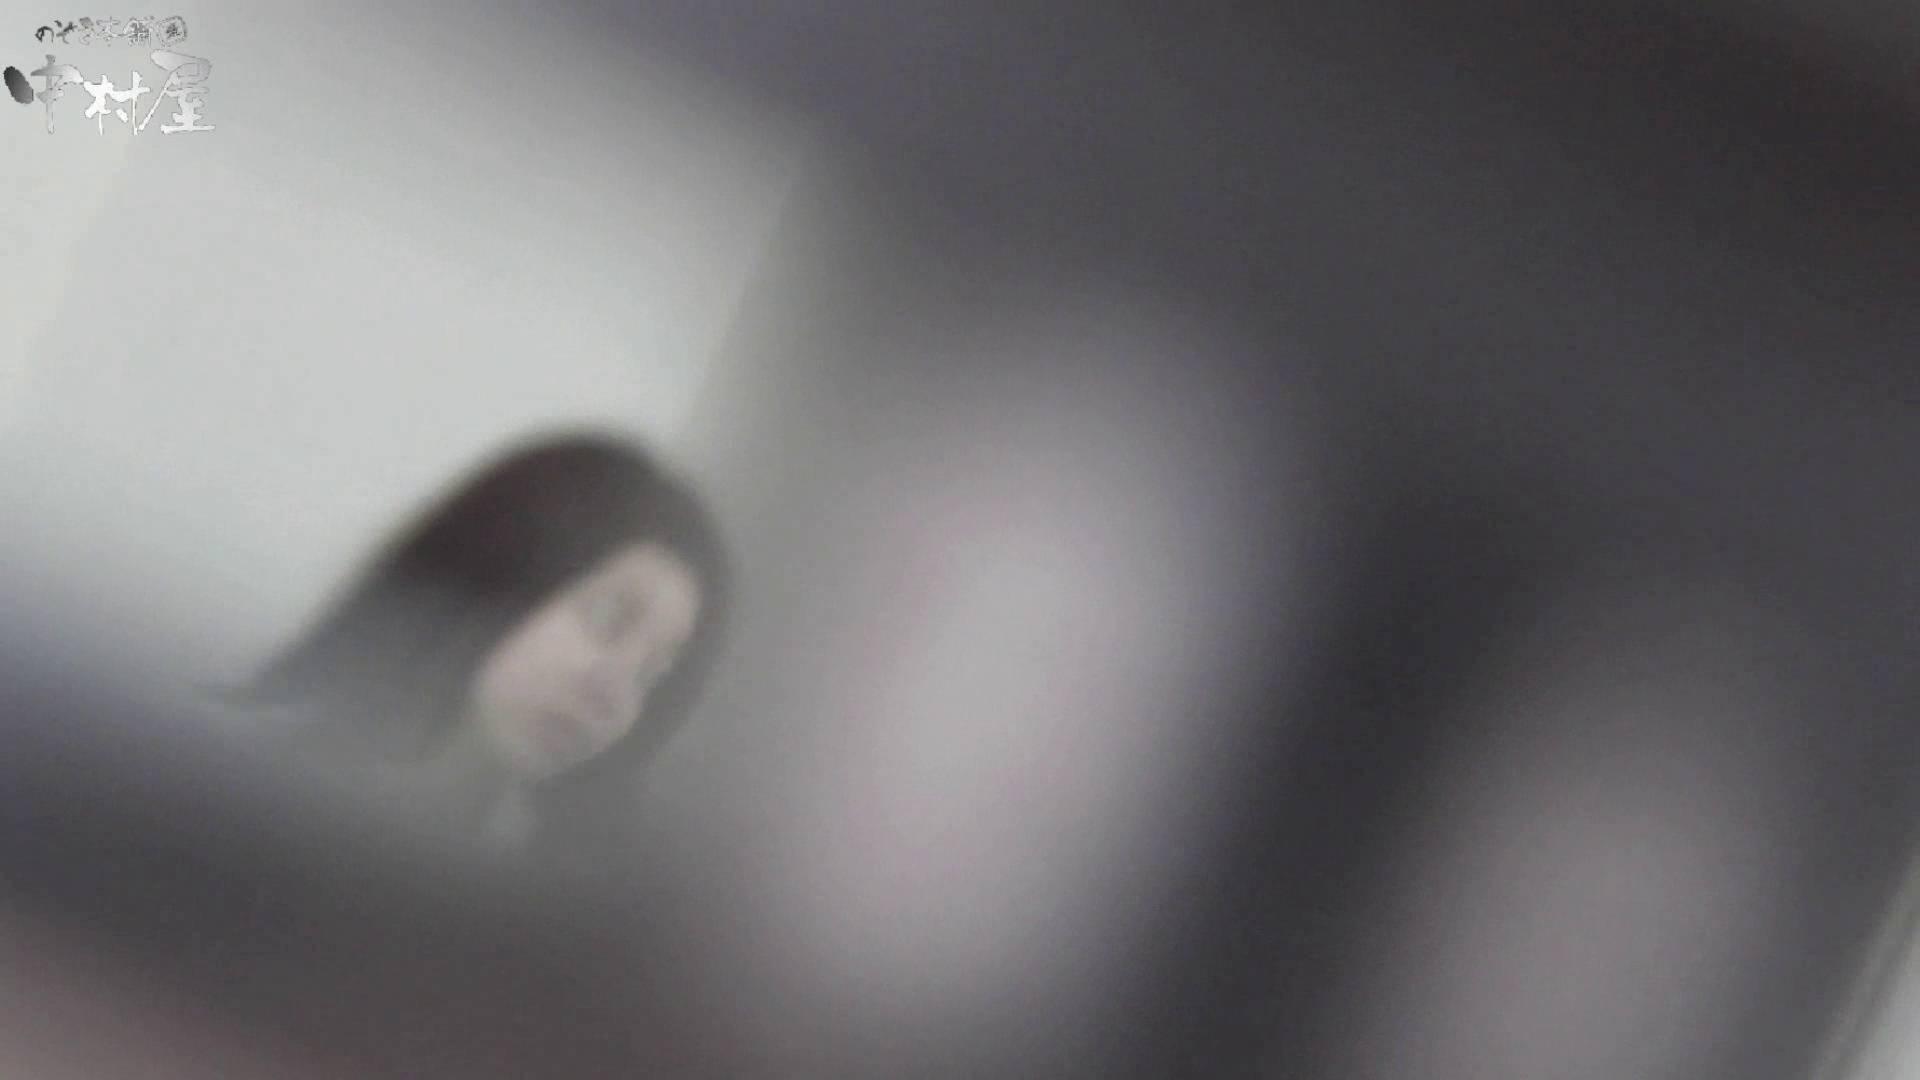 vol.47 命がけ潜伏洗面所! 可愛い顔してケツ毛な件 OLハメ撮り  74Pix 62